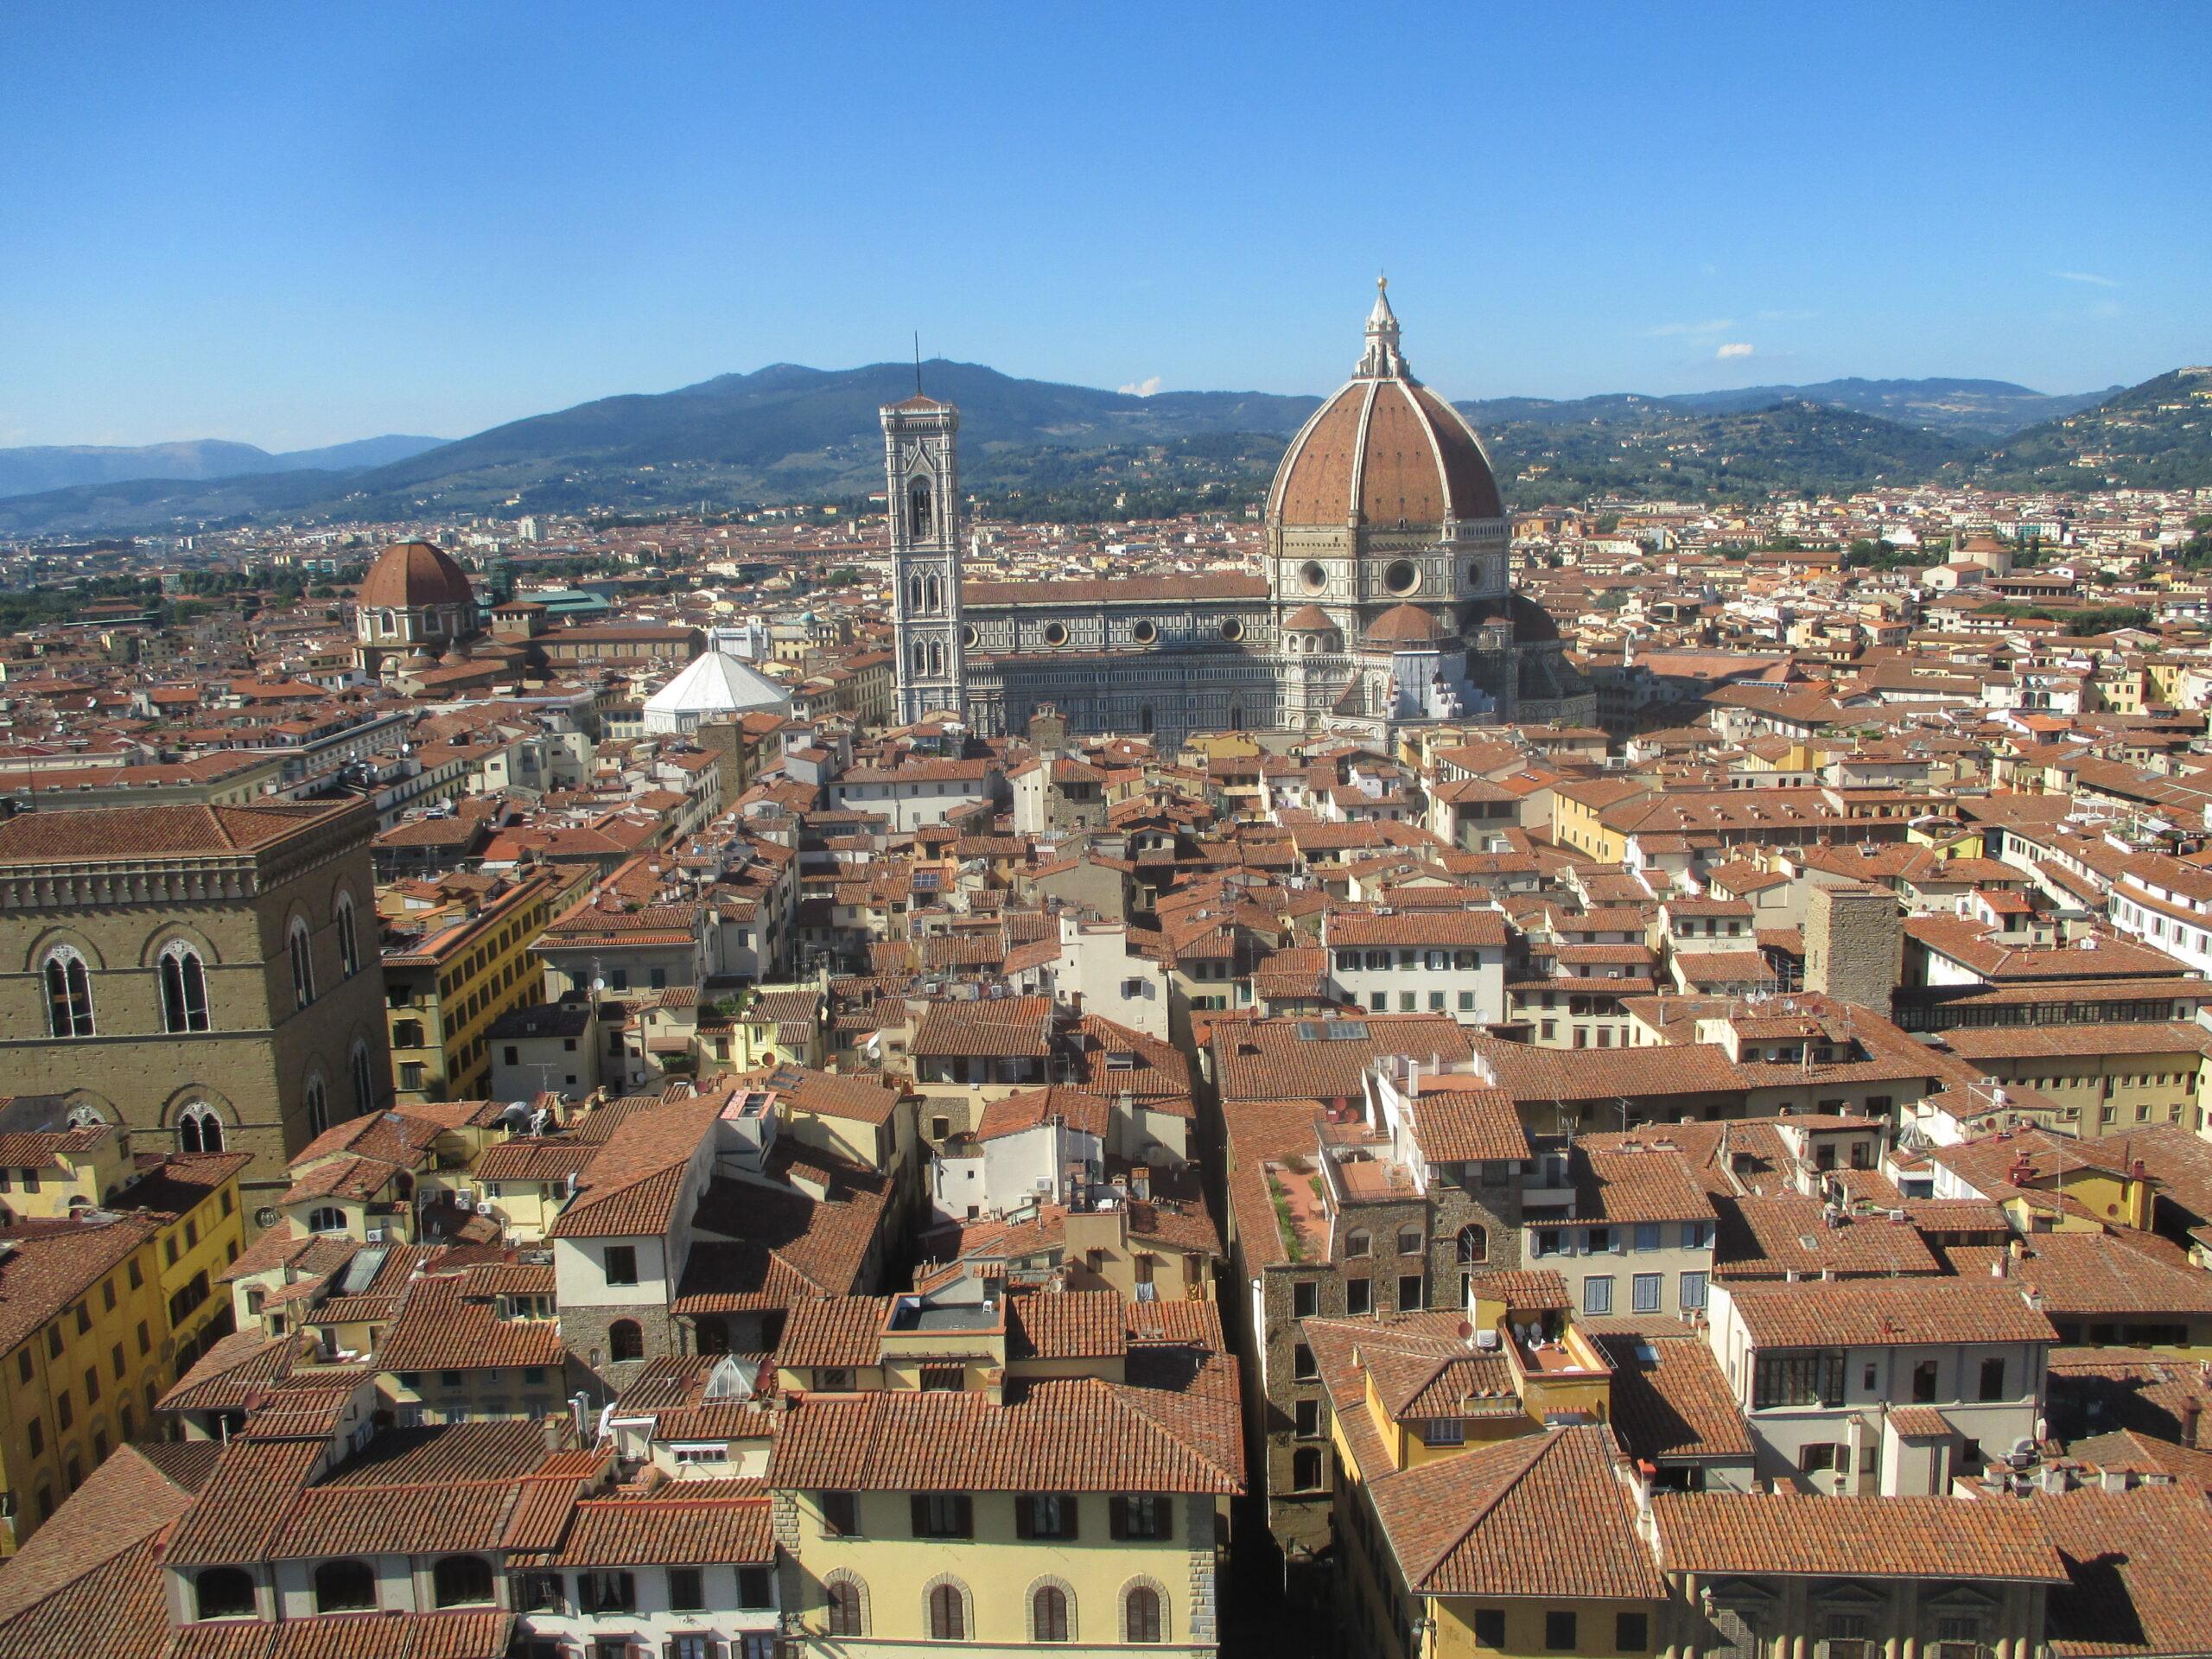 Rodina Medici – vizionári , umelci či tyrani?